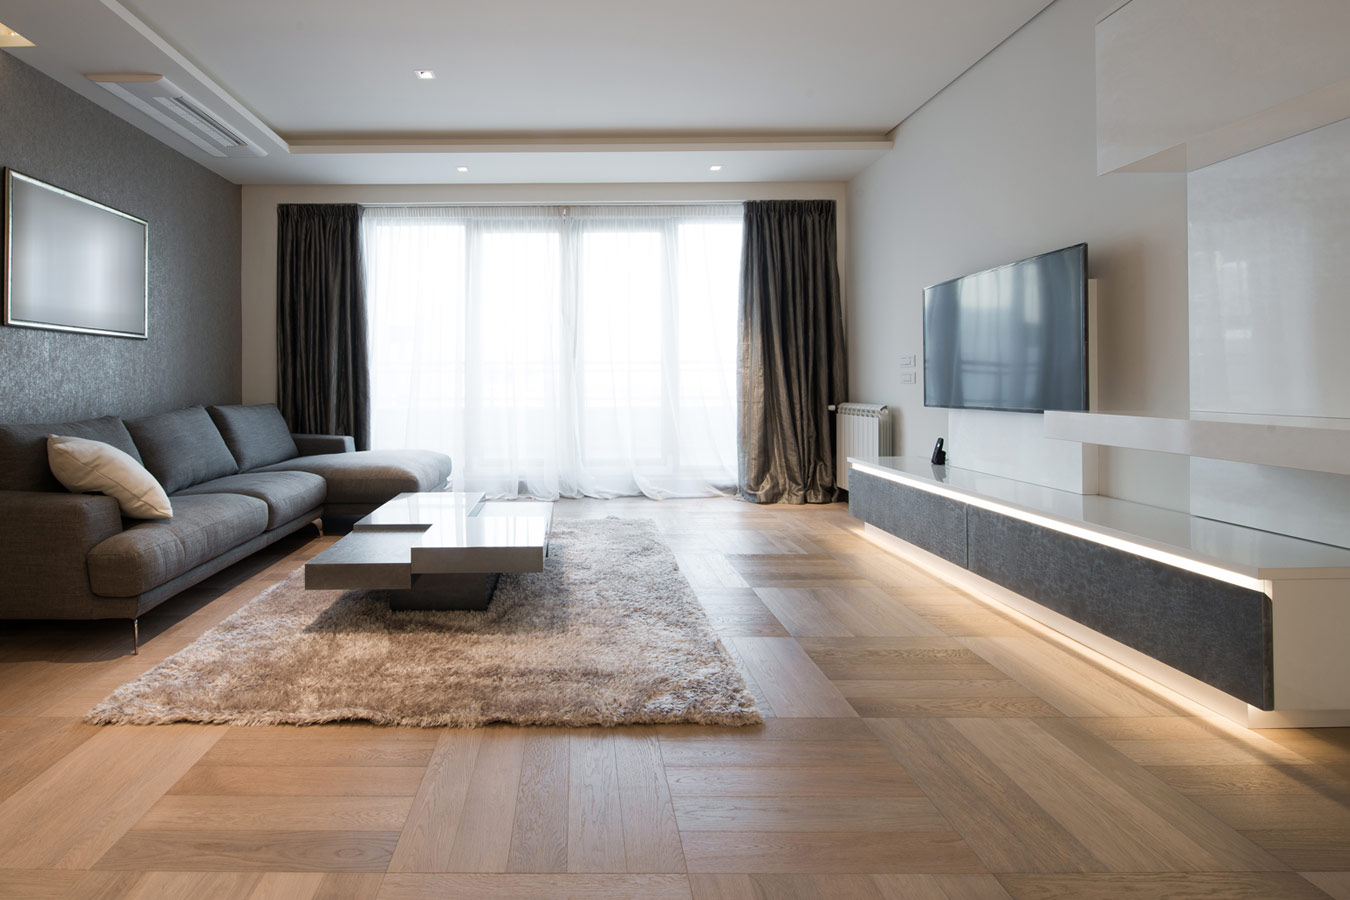 Muur ontwerp slaapkamers - Interieur modern design ...